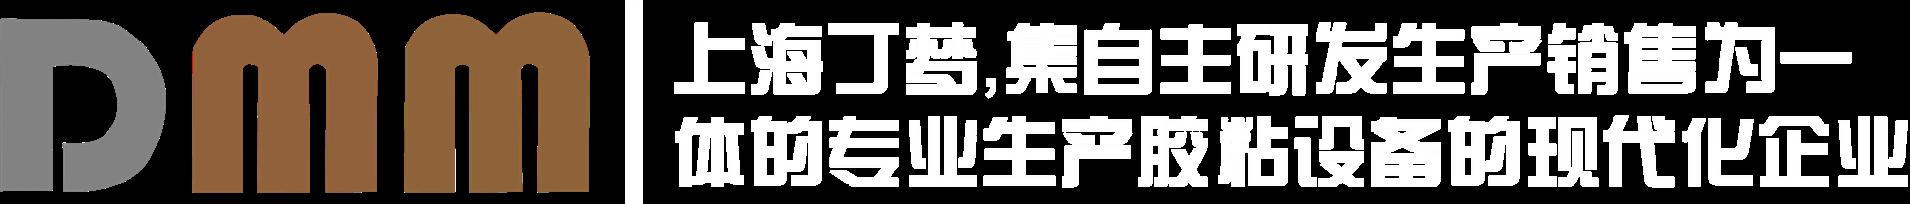 上海丁梦机械制造有限公司